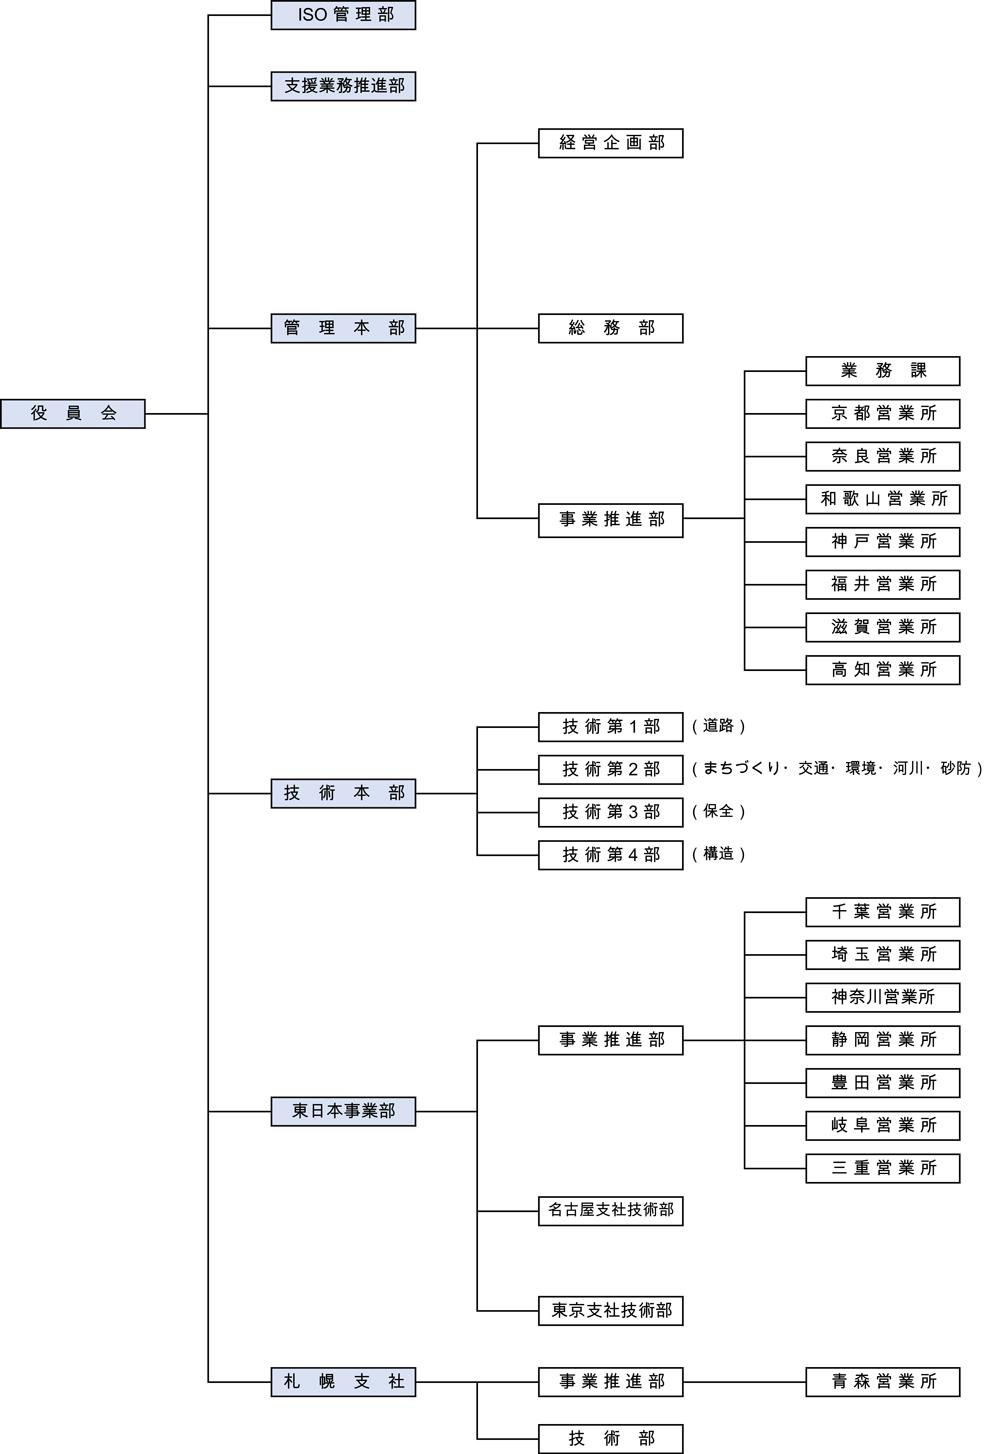 組織図_20201001_更新版